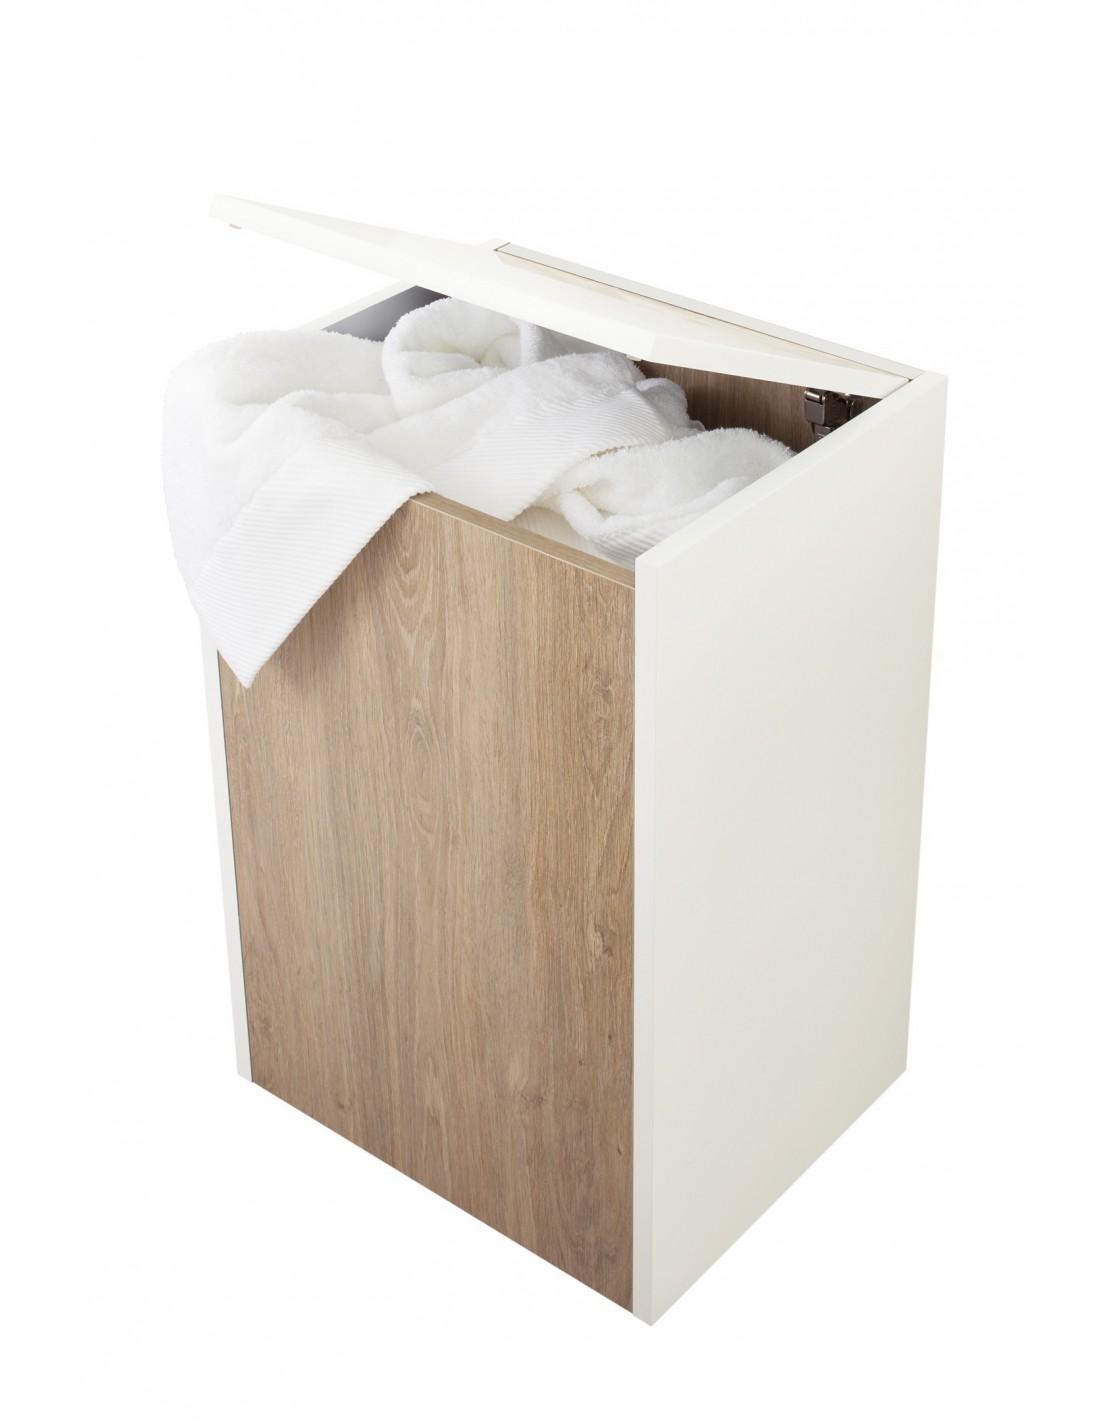 panier linge sur roulettes tout laqu my lodge sanijura. Black Bedroom Furniture Sets. Home Design Ideas